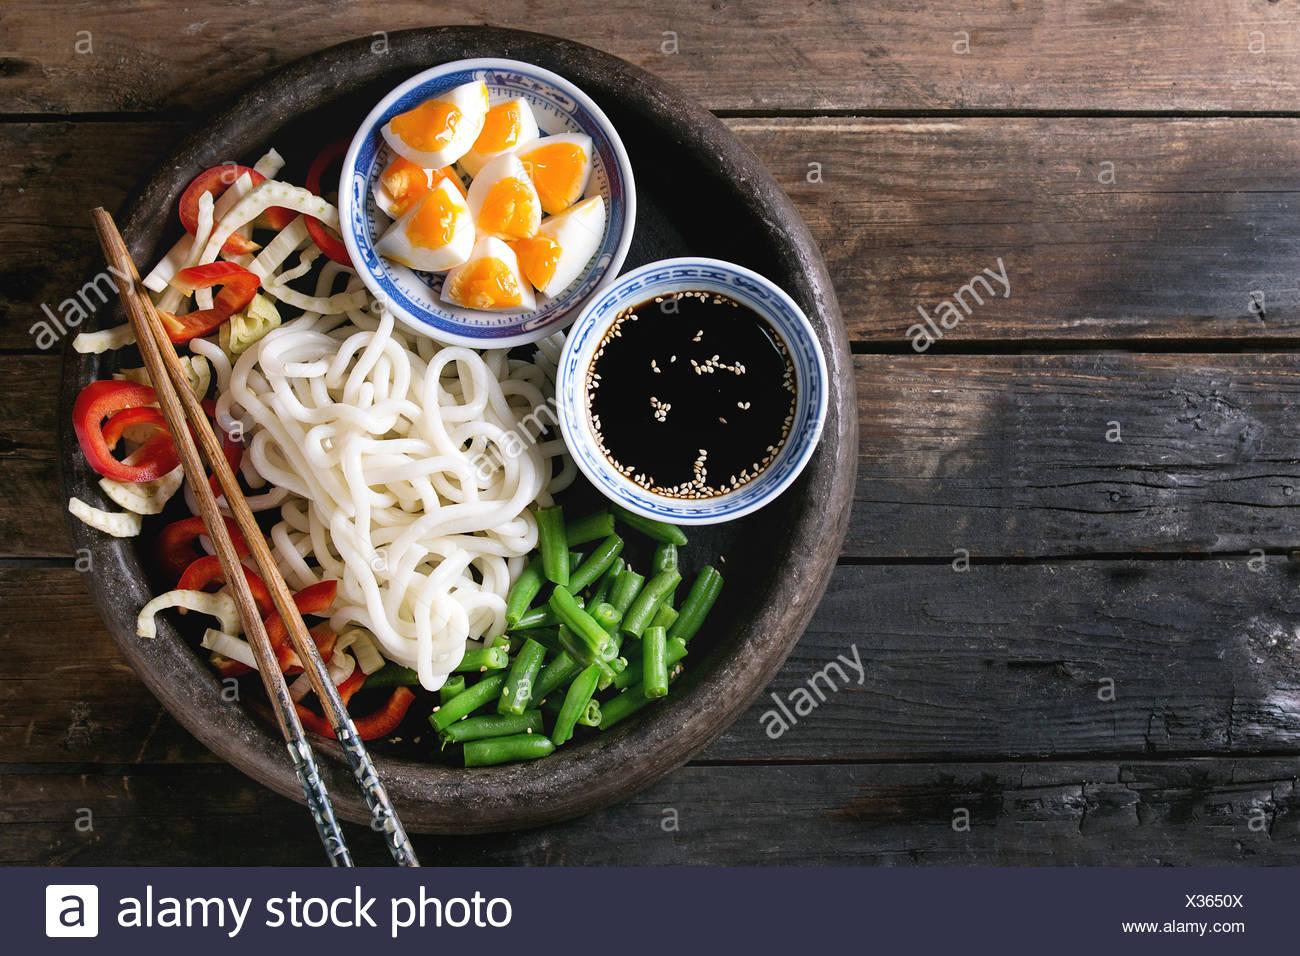 Ingrédients pour la cuisson faire revenir les nouilles Udon, haricots verts, tranchés paprika, œufs durs, de la sauce de soja avec les graines de sésame dans des bols en bois traditionnel avec Banque D'Images